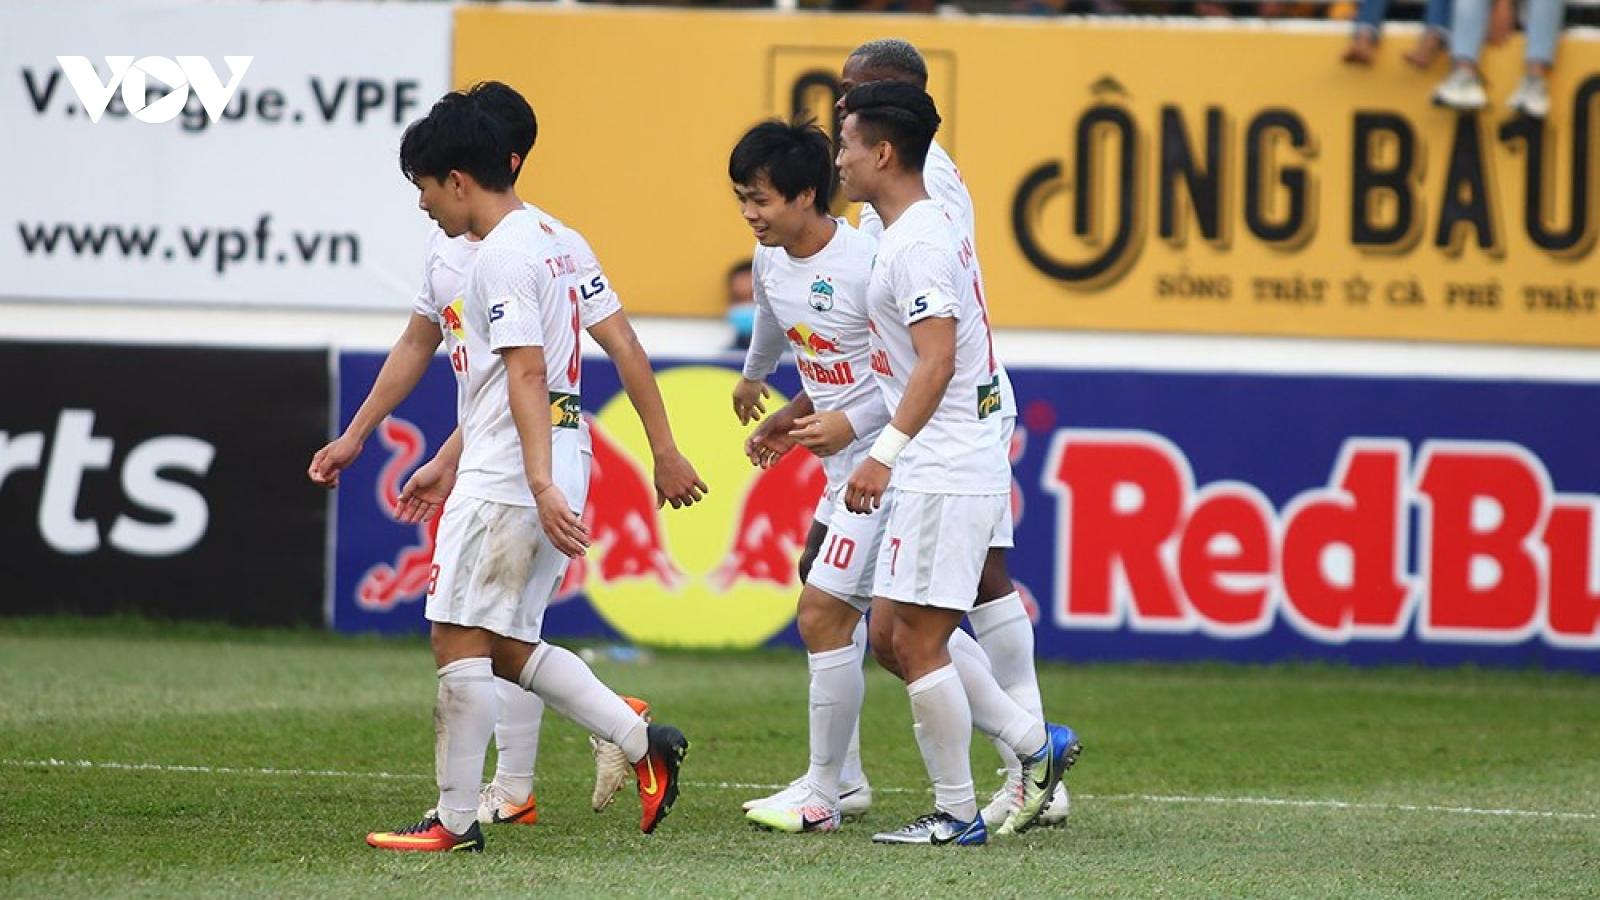 Vòng 7 V-League 2021: Hà Nội FC gặp khó, HAGL tiếp tục thăng hoa?